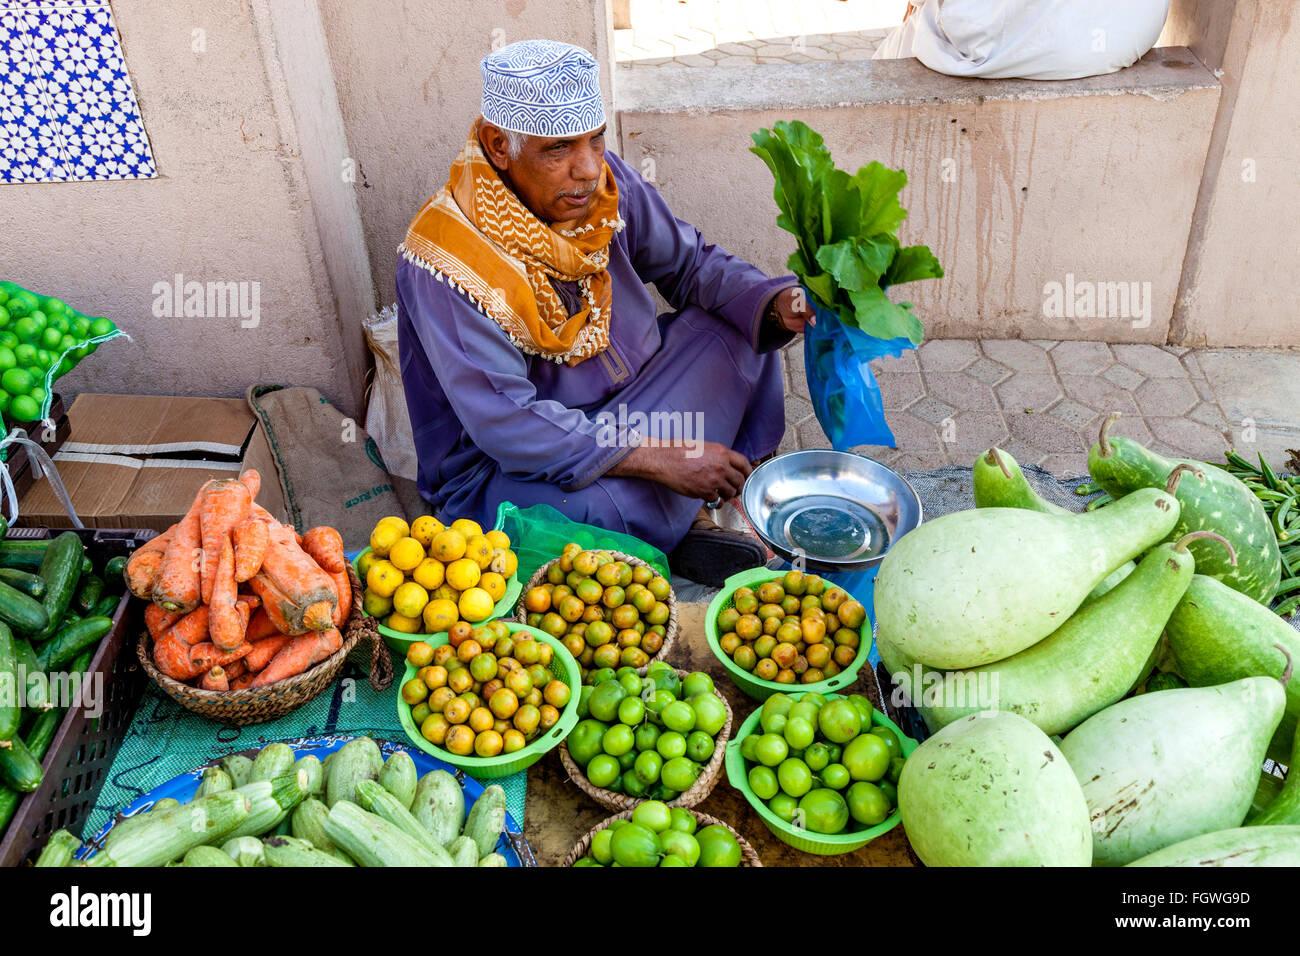 Fruit and Vegetable Market At The Nizwa Souk, Nizwa, Ad Dakhiliyah Region, Oman - Stock Image